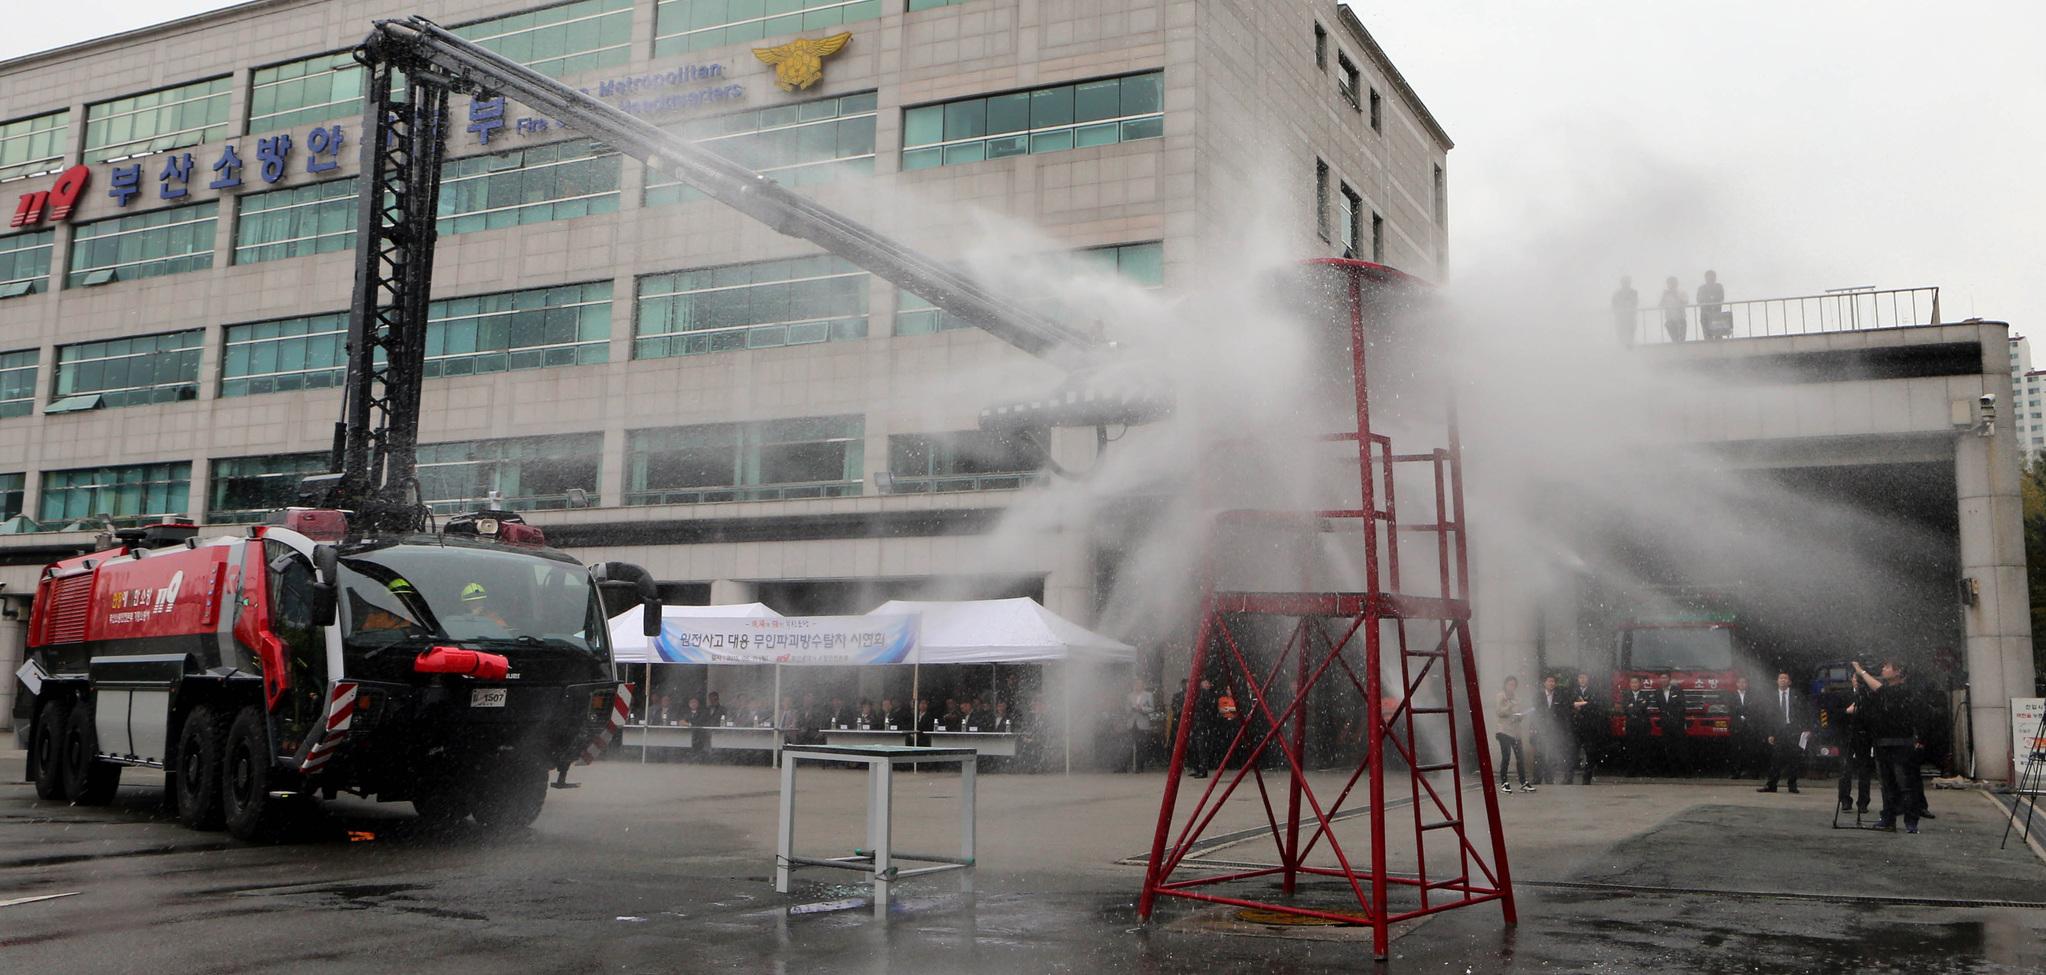 2015년 부산소방안전본부가 실시한 무인파괴방수탑차의 시연회. 소방대원의 접근이 어려운 원자력발전소나 화학 공장 등 특수 재난 현장에 효과적으로 대응하기 위해 도입한 것이다. [중앙포토]